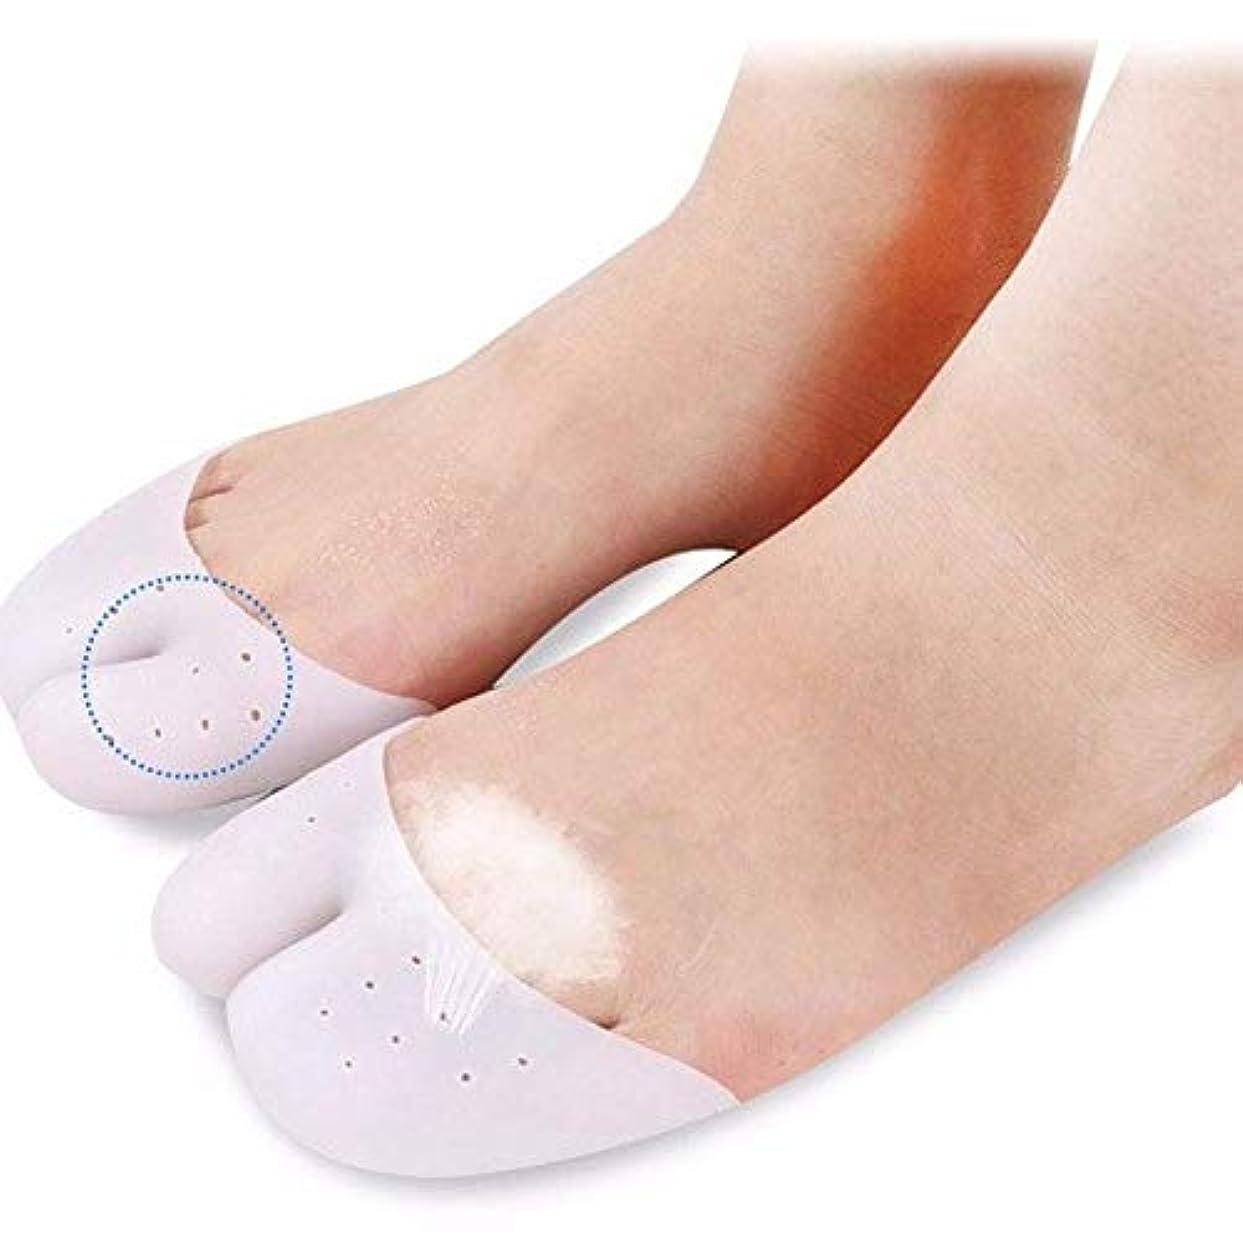 仕事に行くメンタルシンプルなゲルつま先カフパッド、足の親指前足パッド、フットパッド足の保護パッド支持ボール/バレエシューズの10組 (A)